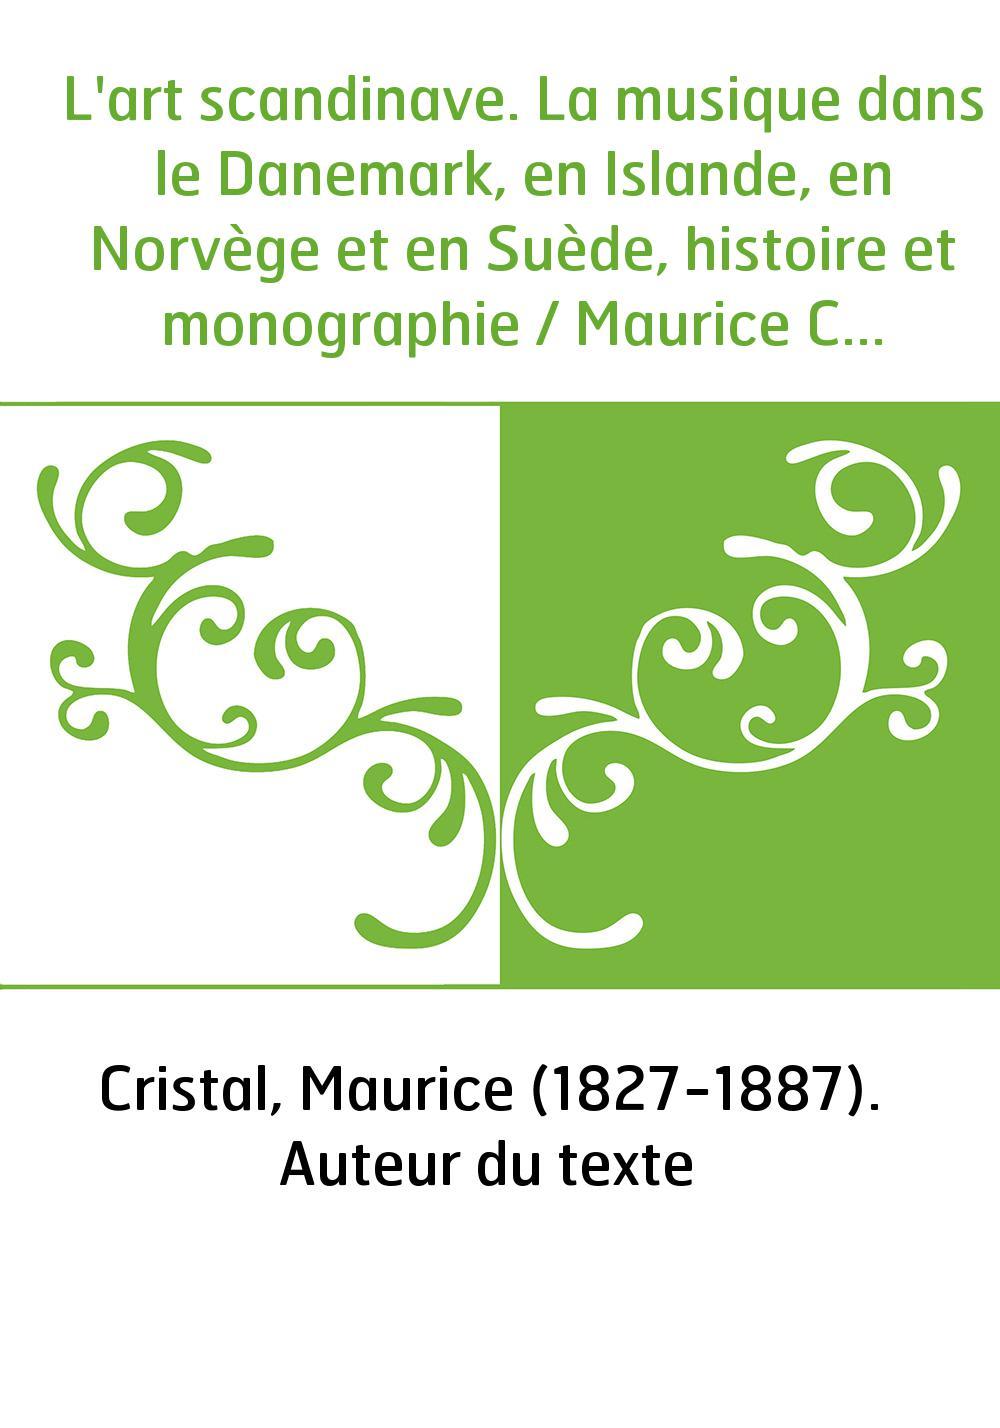 L'art scandinave. La musique dans le Danemark, en Islande, en Norvège et en Suède, histoire et monographie / Maurice Cristal